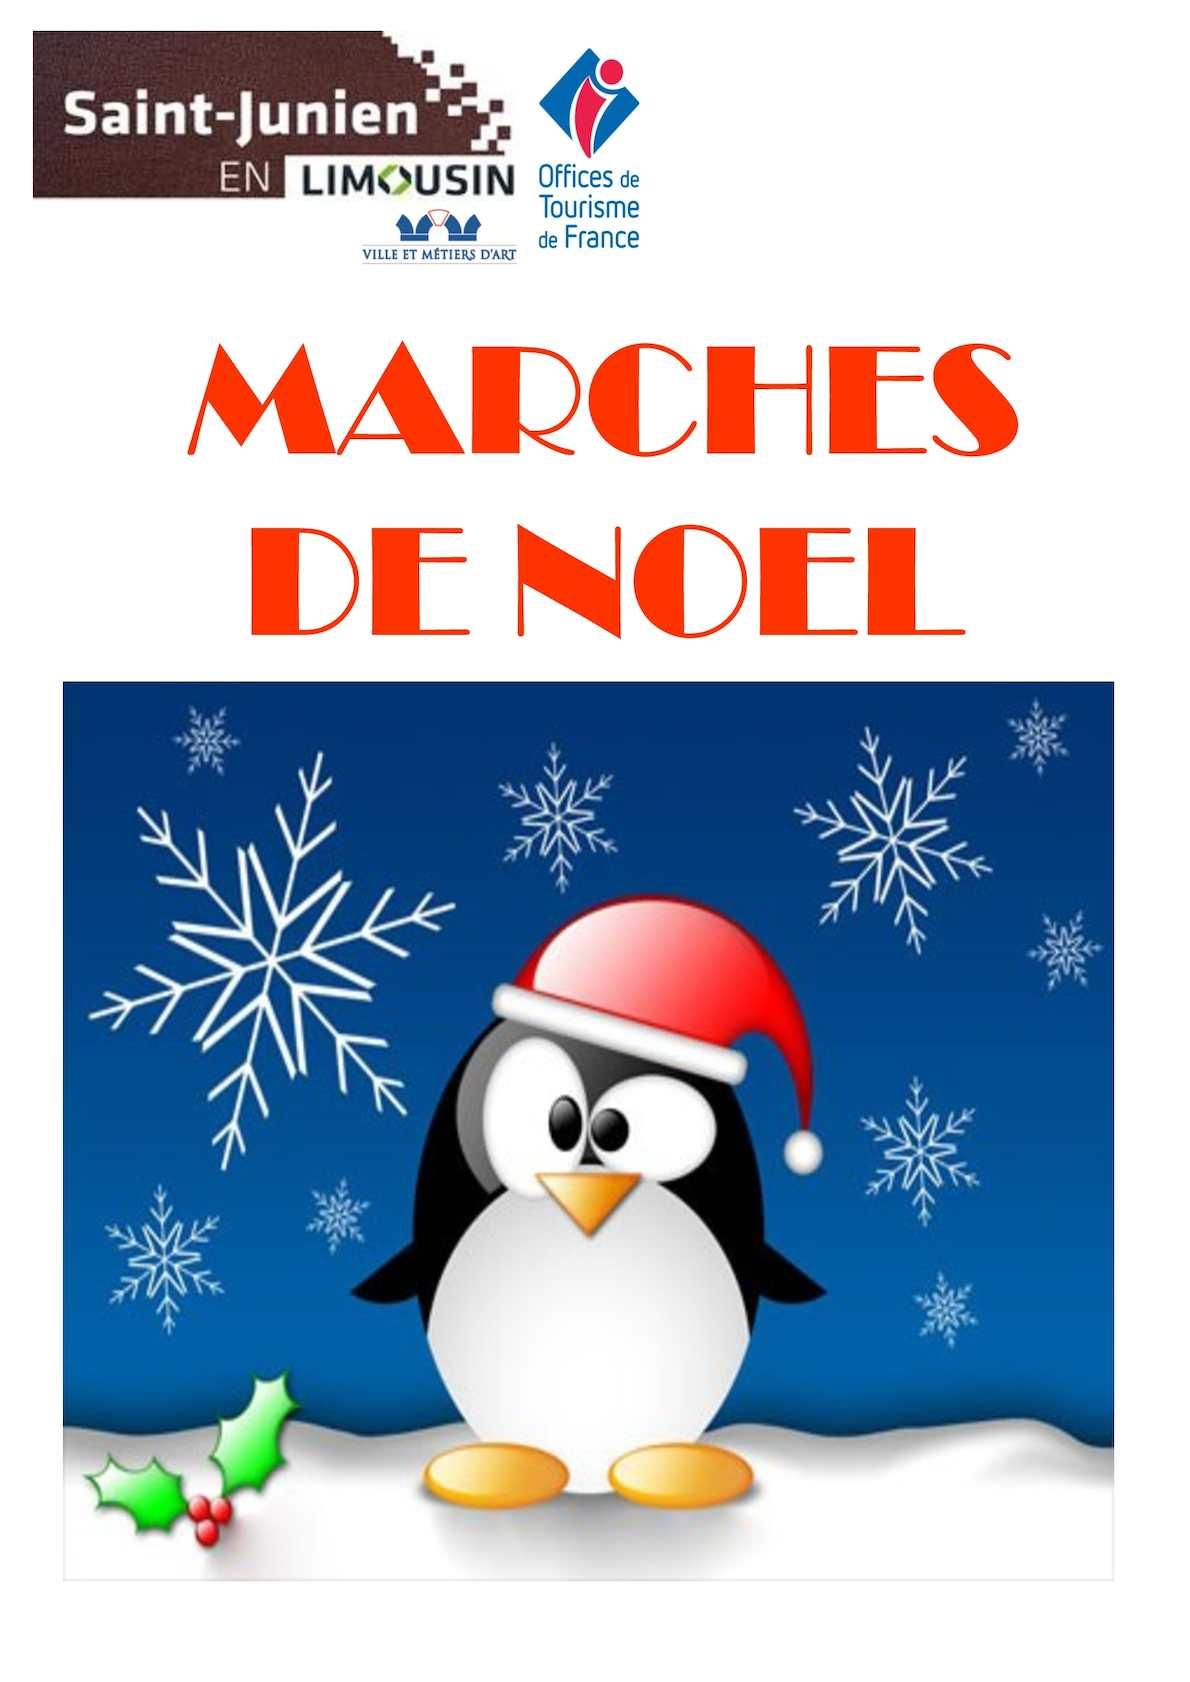 Calam o march s de noel 2015 haute vienne - Office de tourisme haute vienne ...